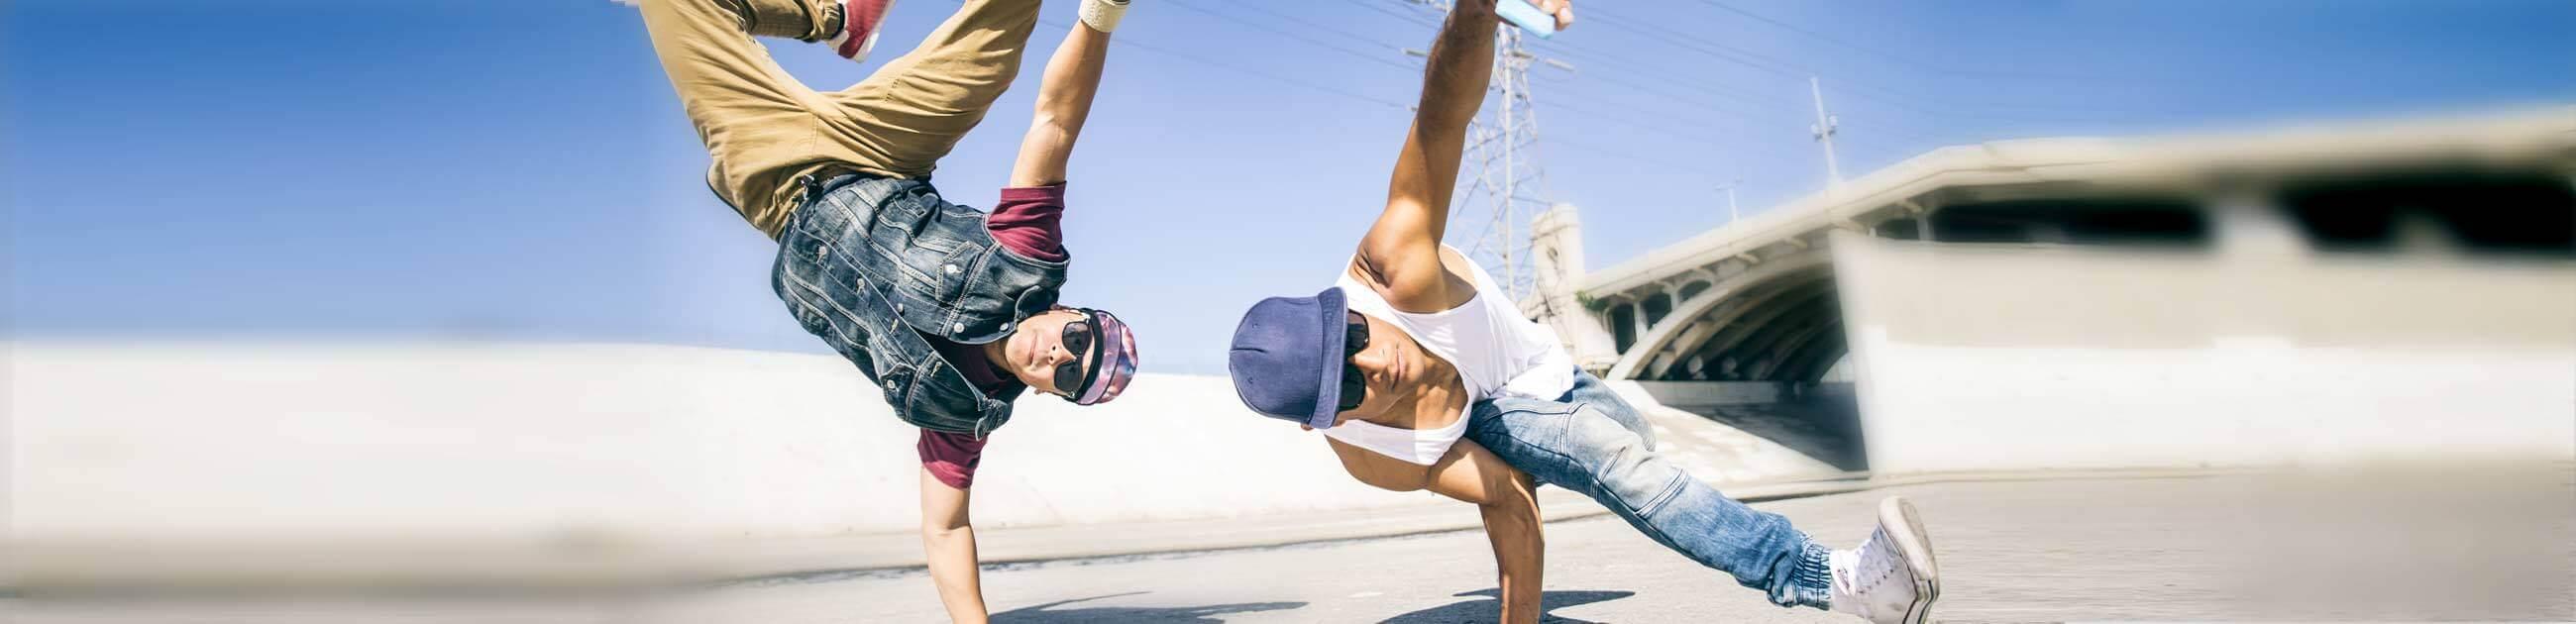 Breakdance Tanzen lernen in Kiel - Tanzschule K-System